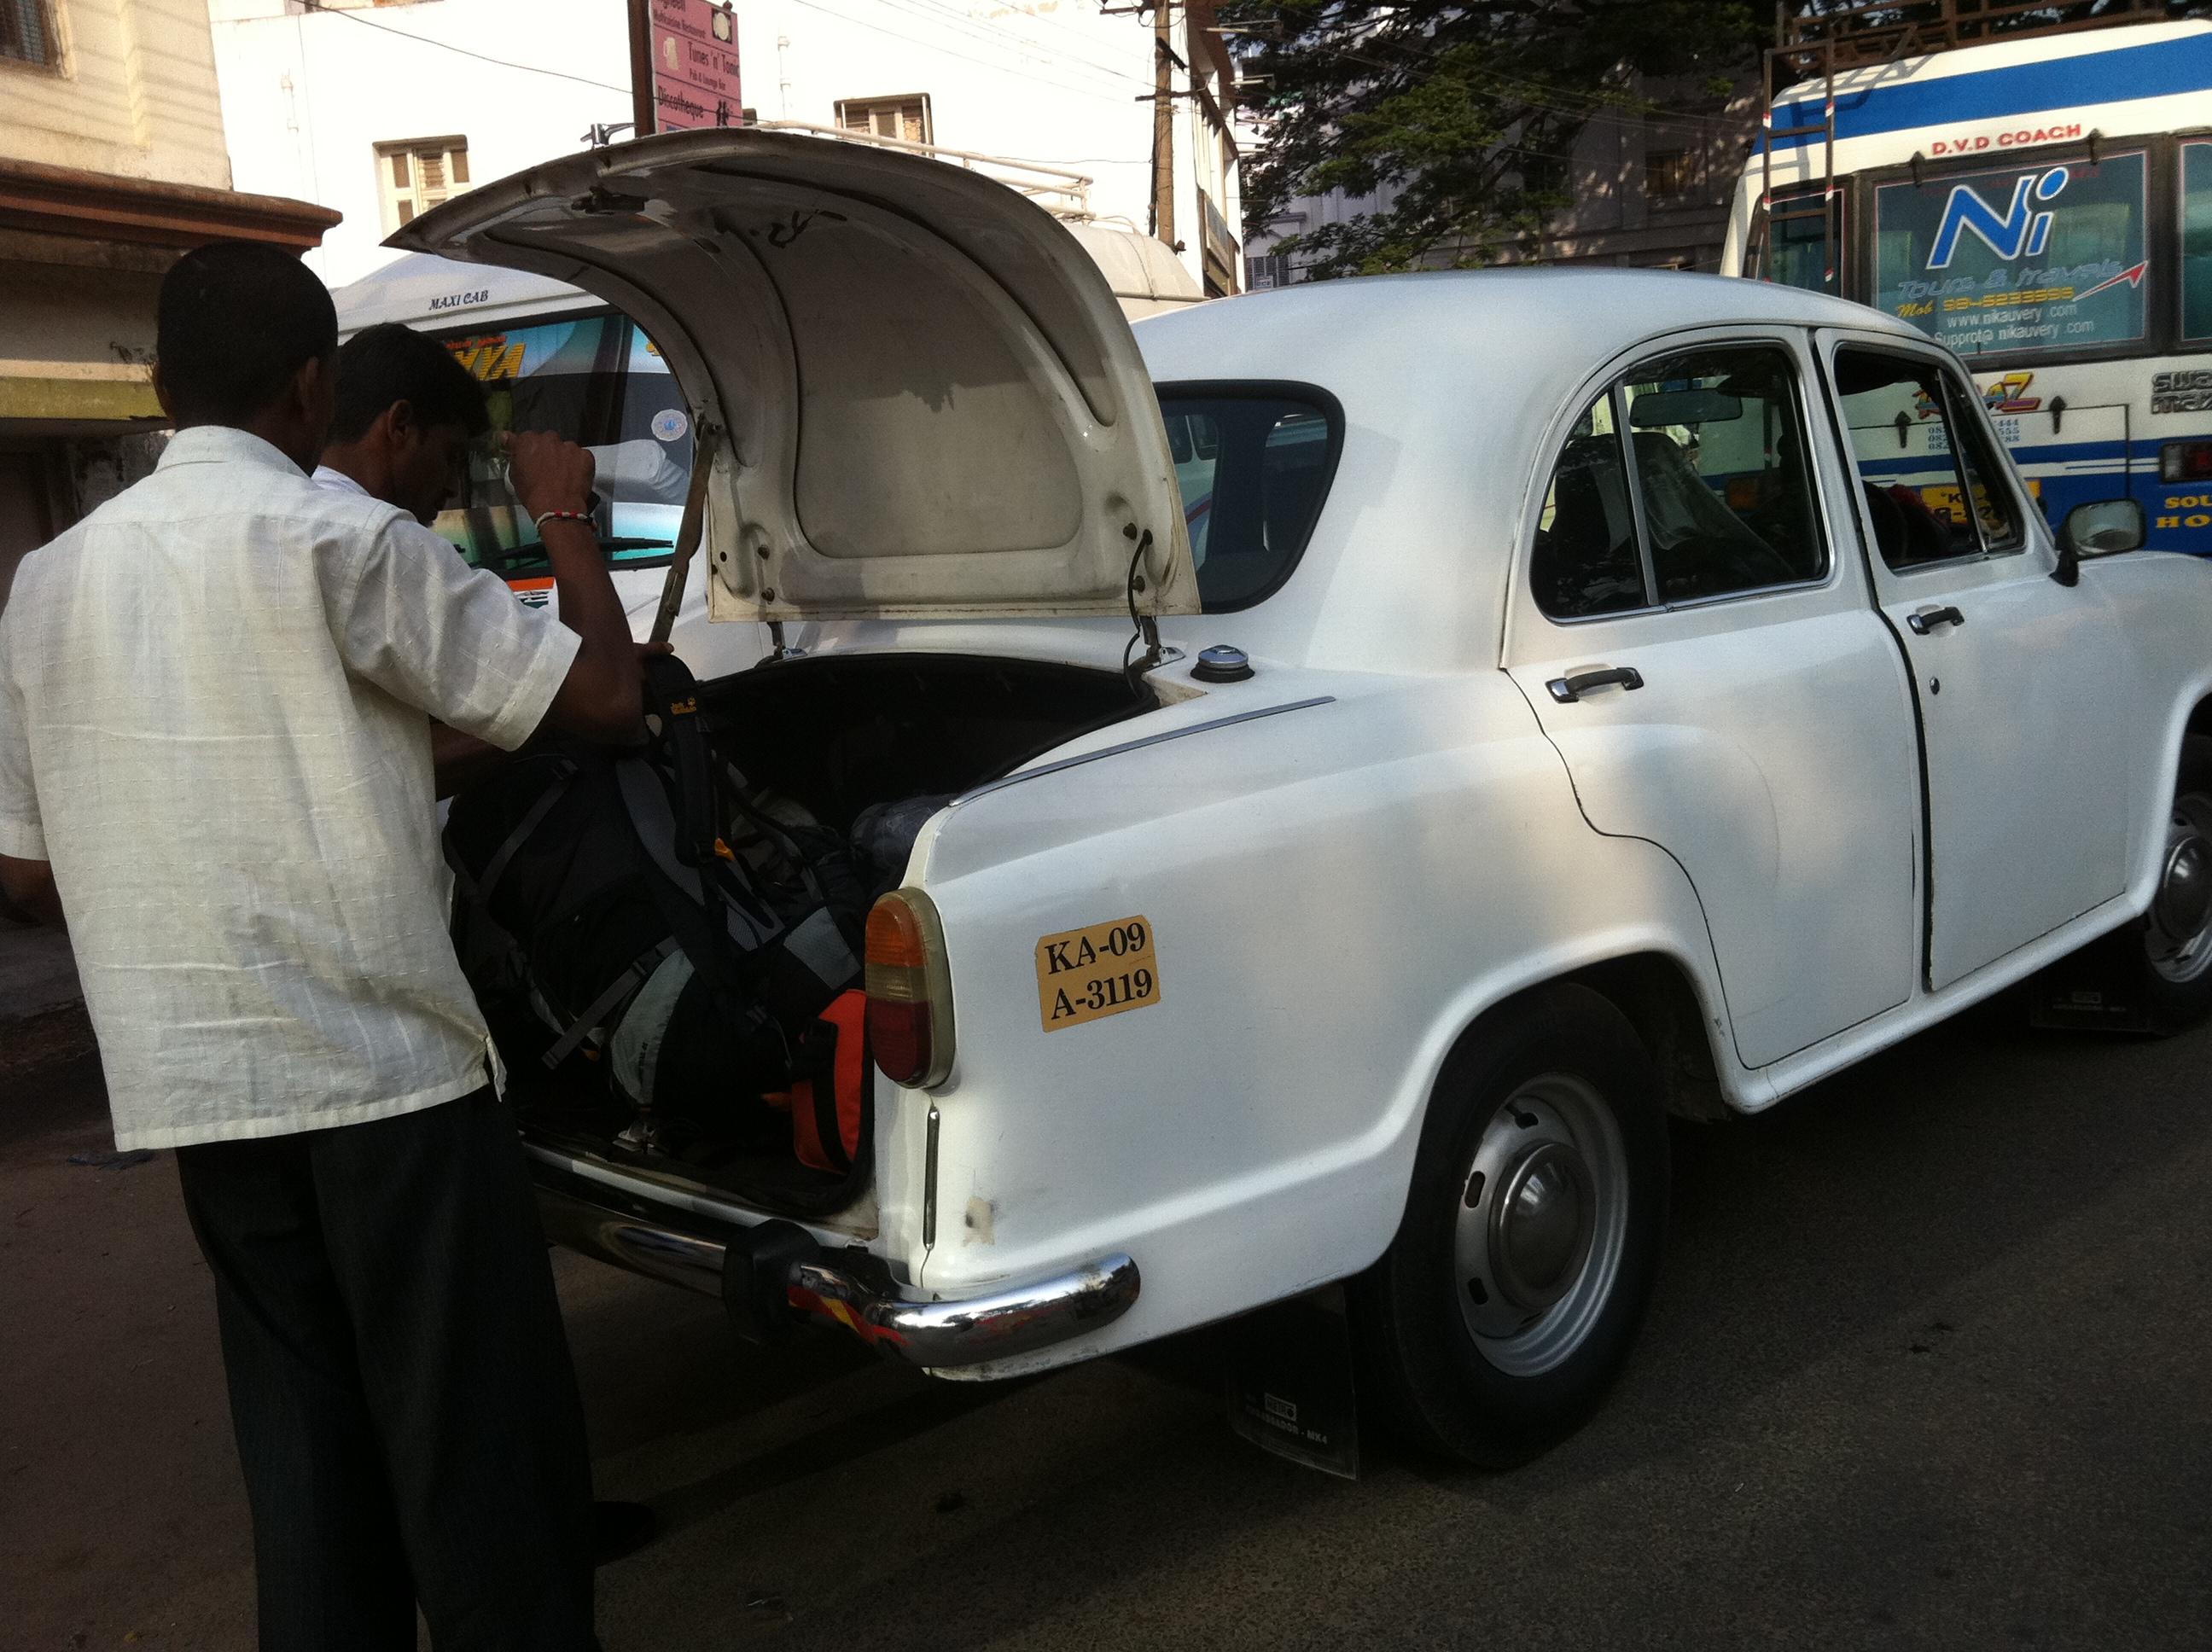 sian-handy-indien-un-konfi-495.JPG